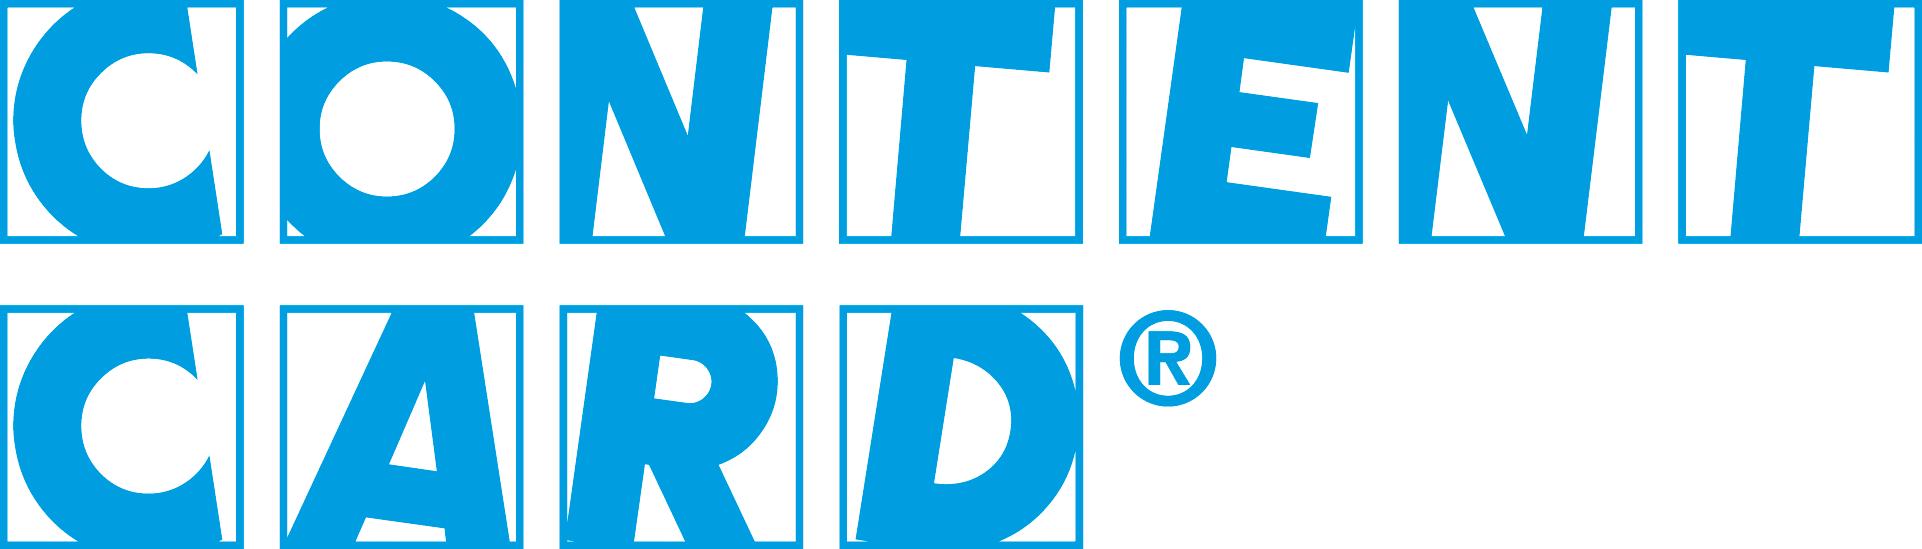 contentcard-logo